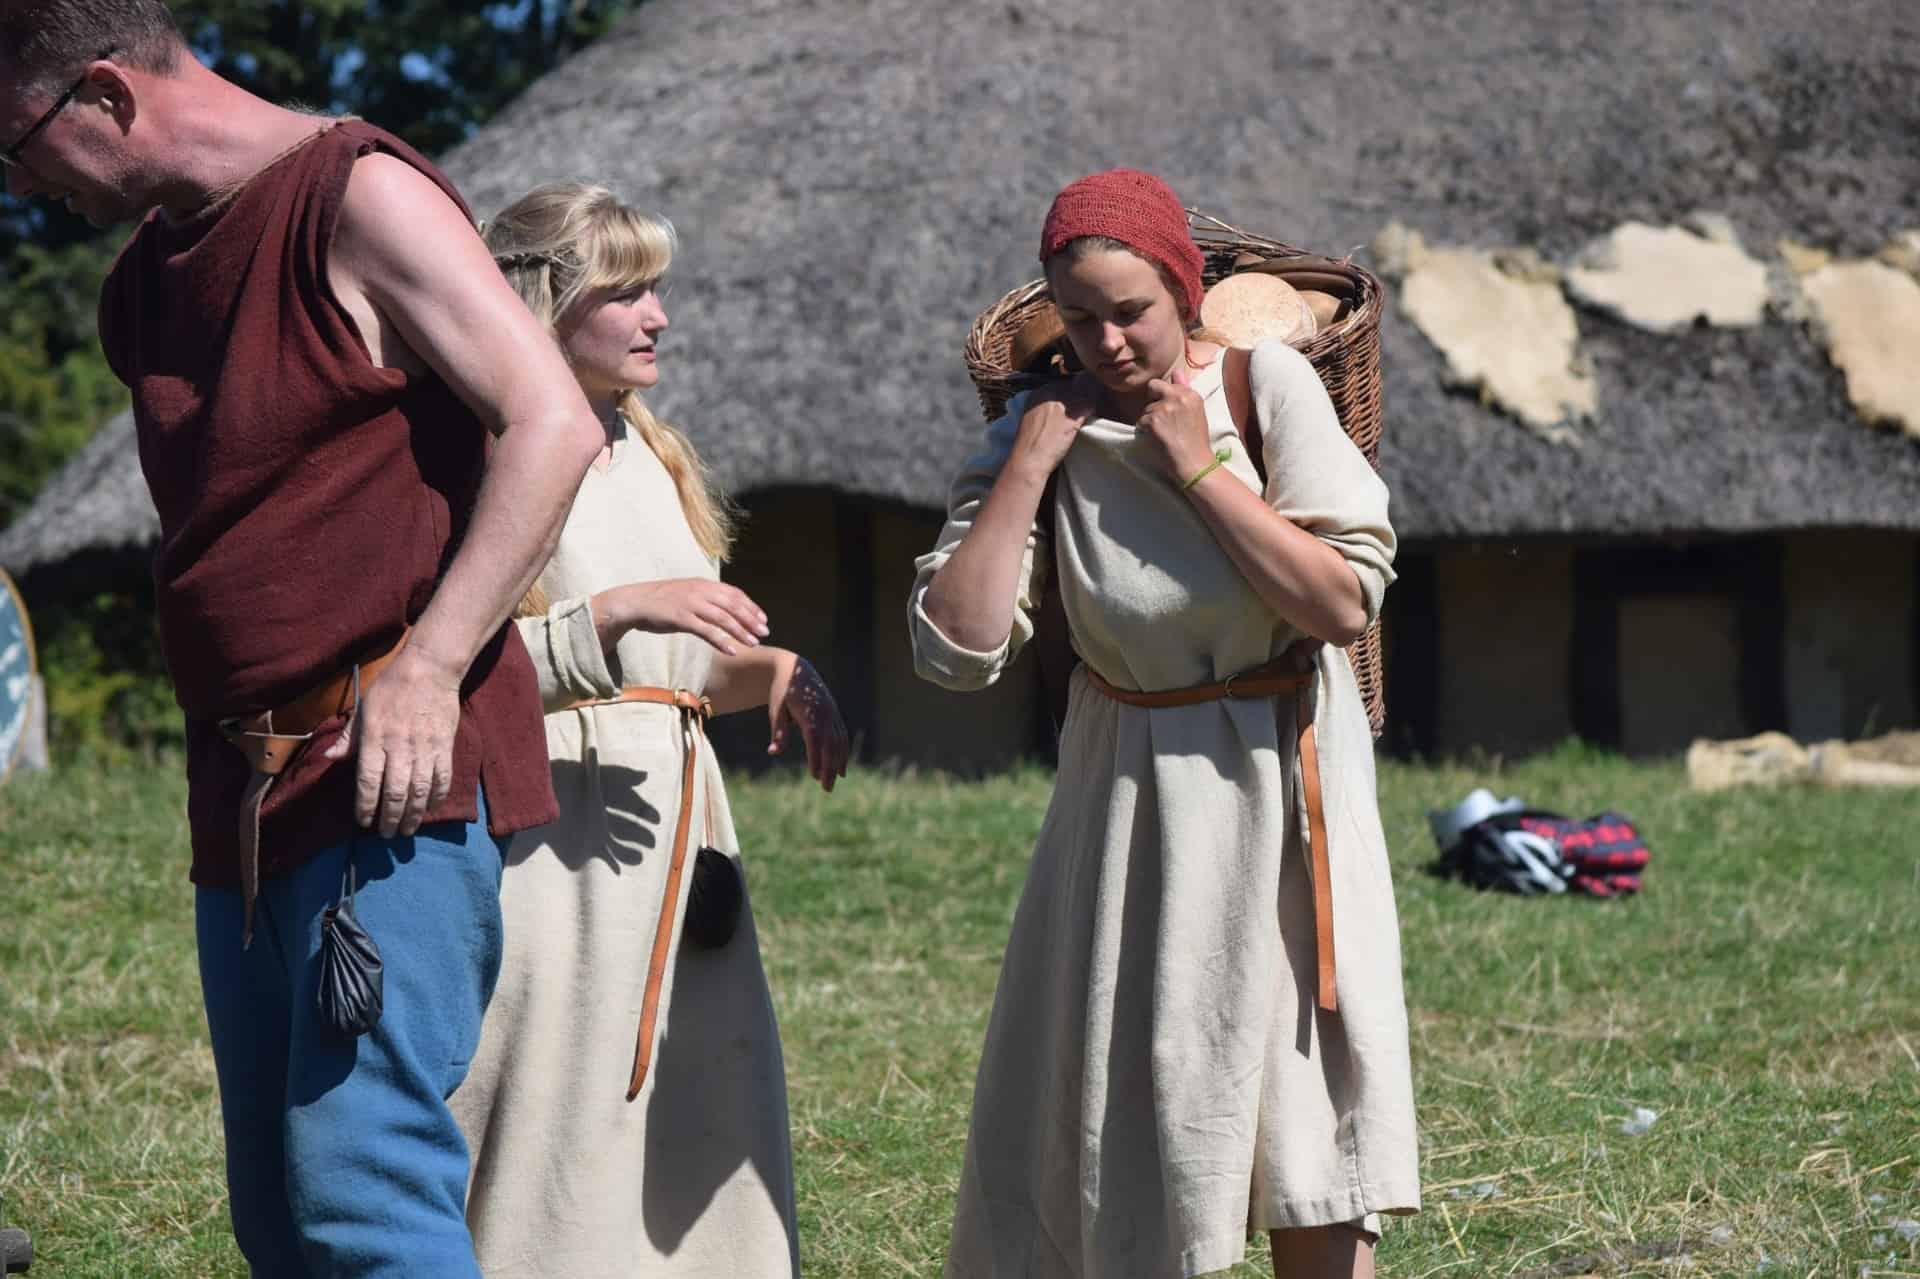 ludzie przebrani w stroje wikingów